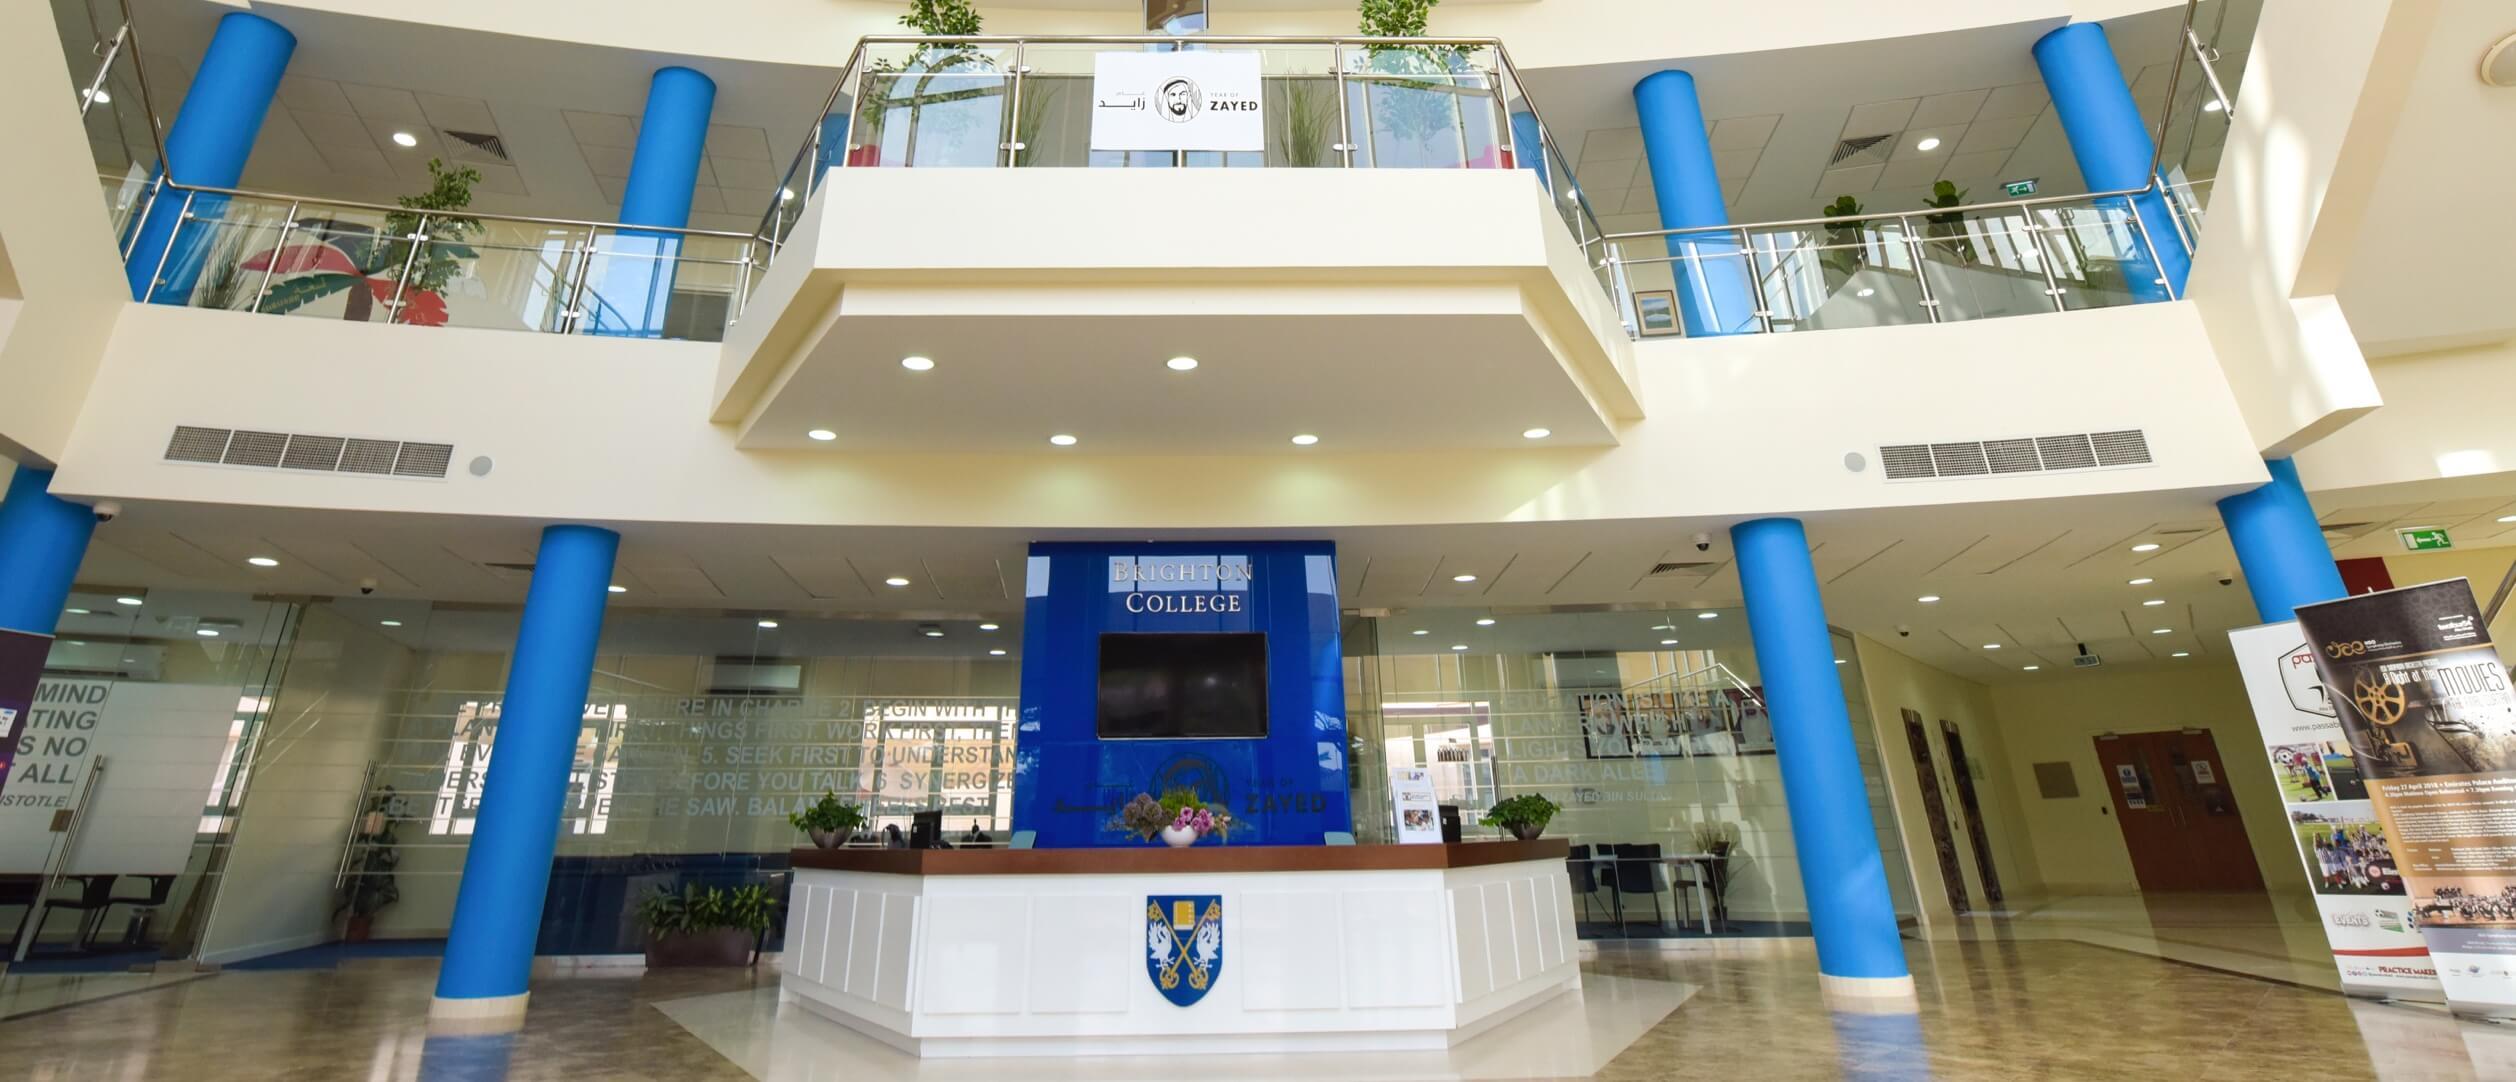 Brighton College Abu Dhabi Reception.jpg